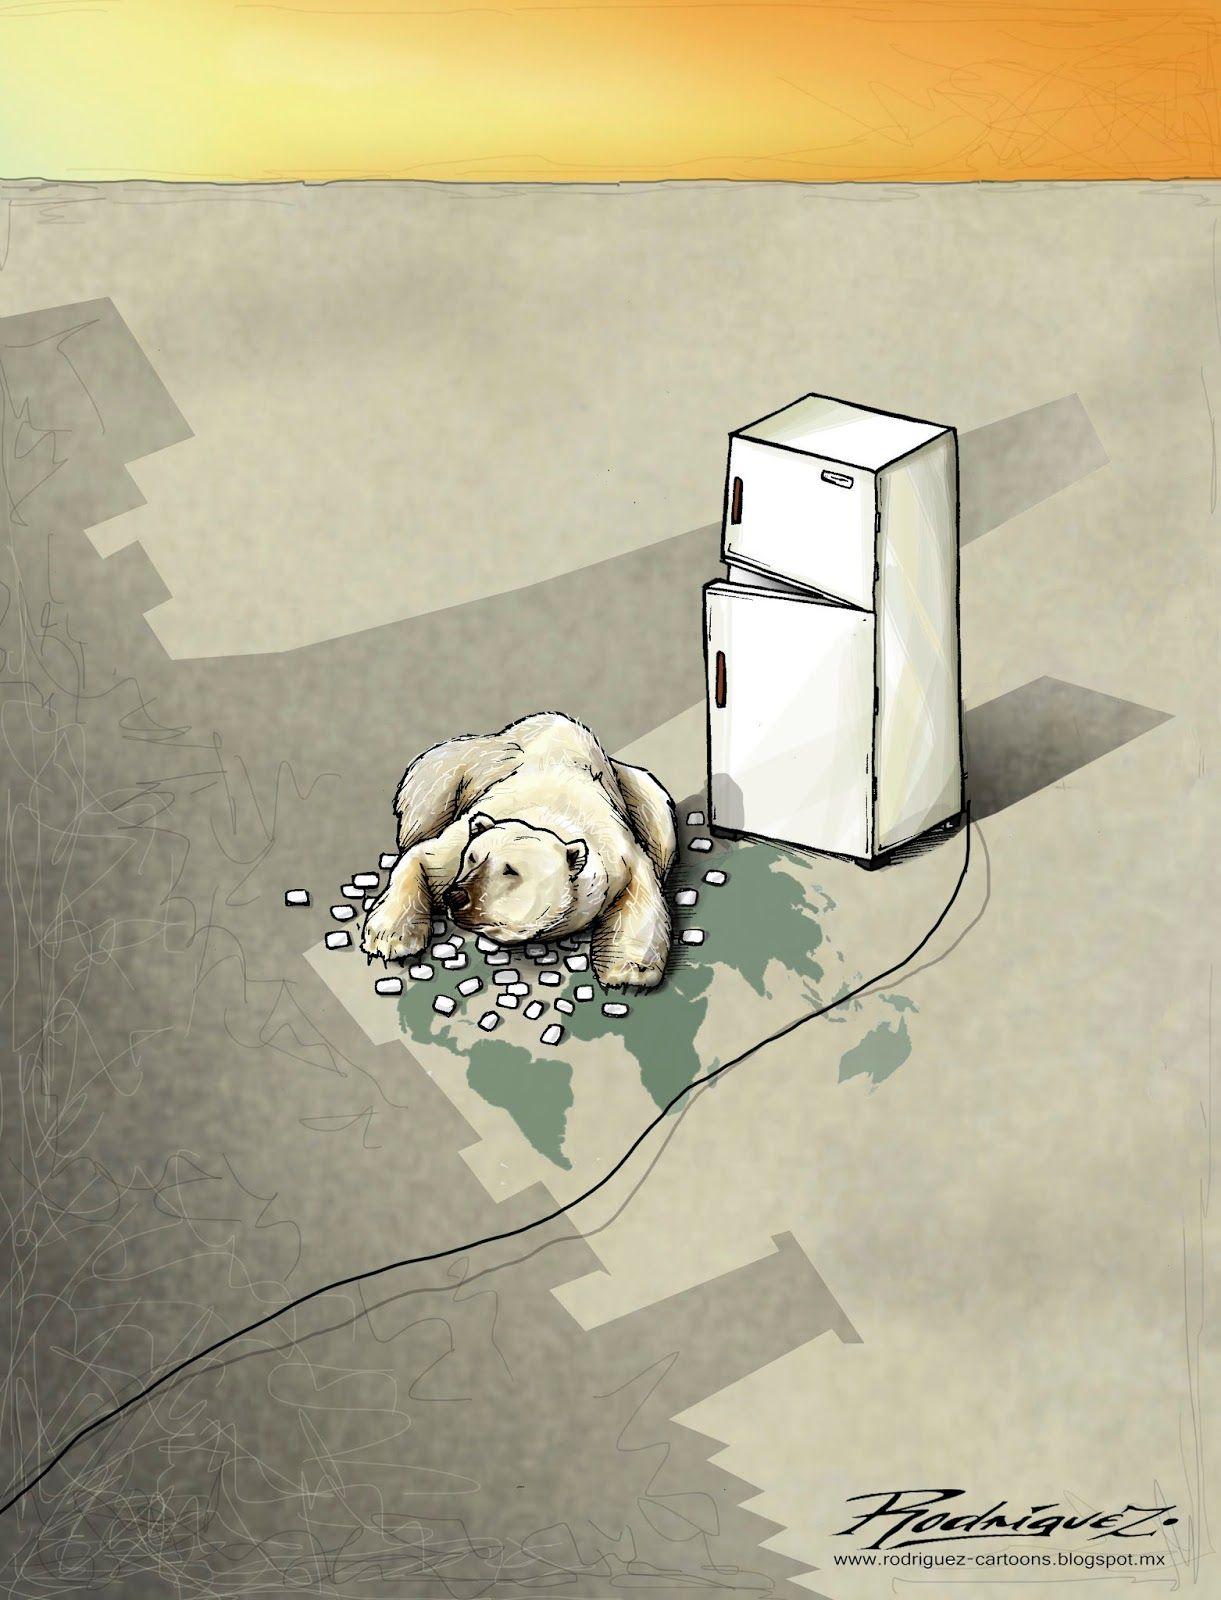 """""""LA ÚLTIMA LLAMADA"""" ( """"Last call"""" ) by Antonio Rodriguez Garcia http://rodriguez-cartoons.blogspot.mx/2016/01/la-ultima-llamada-last-call.html"""